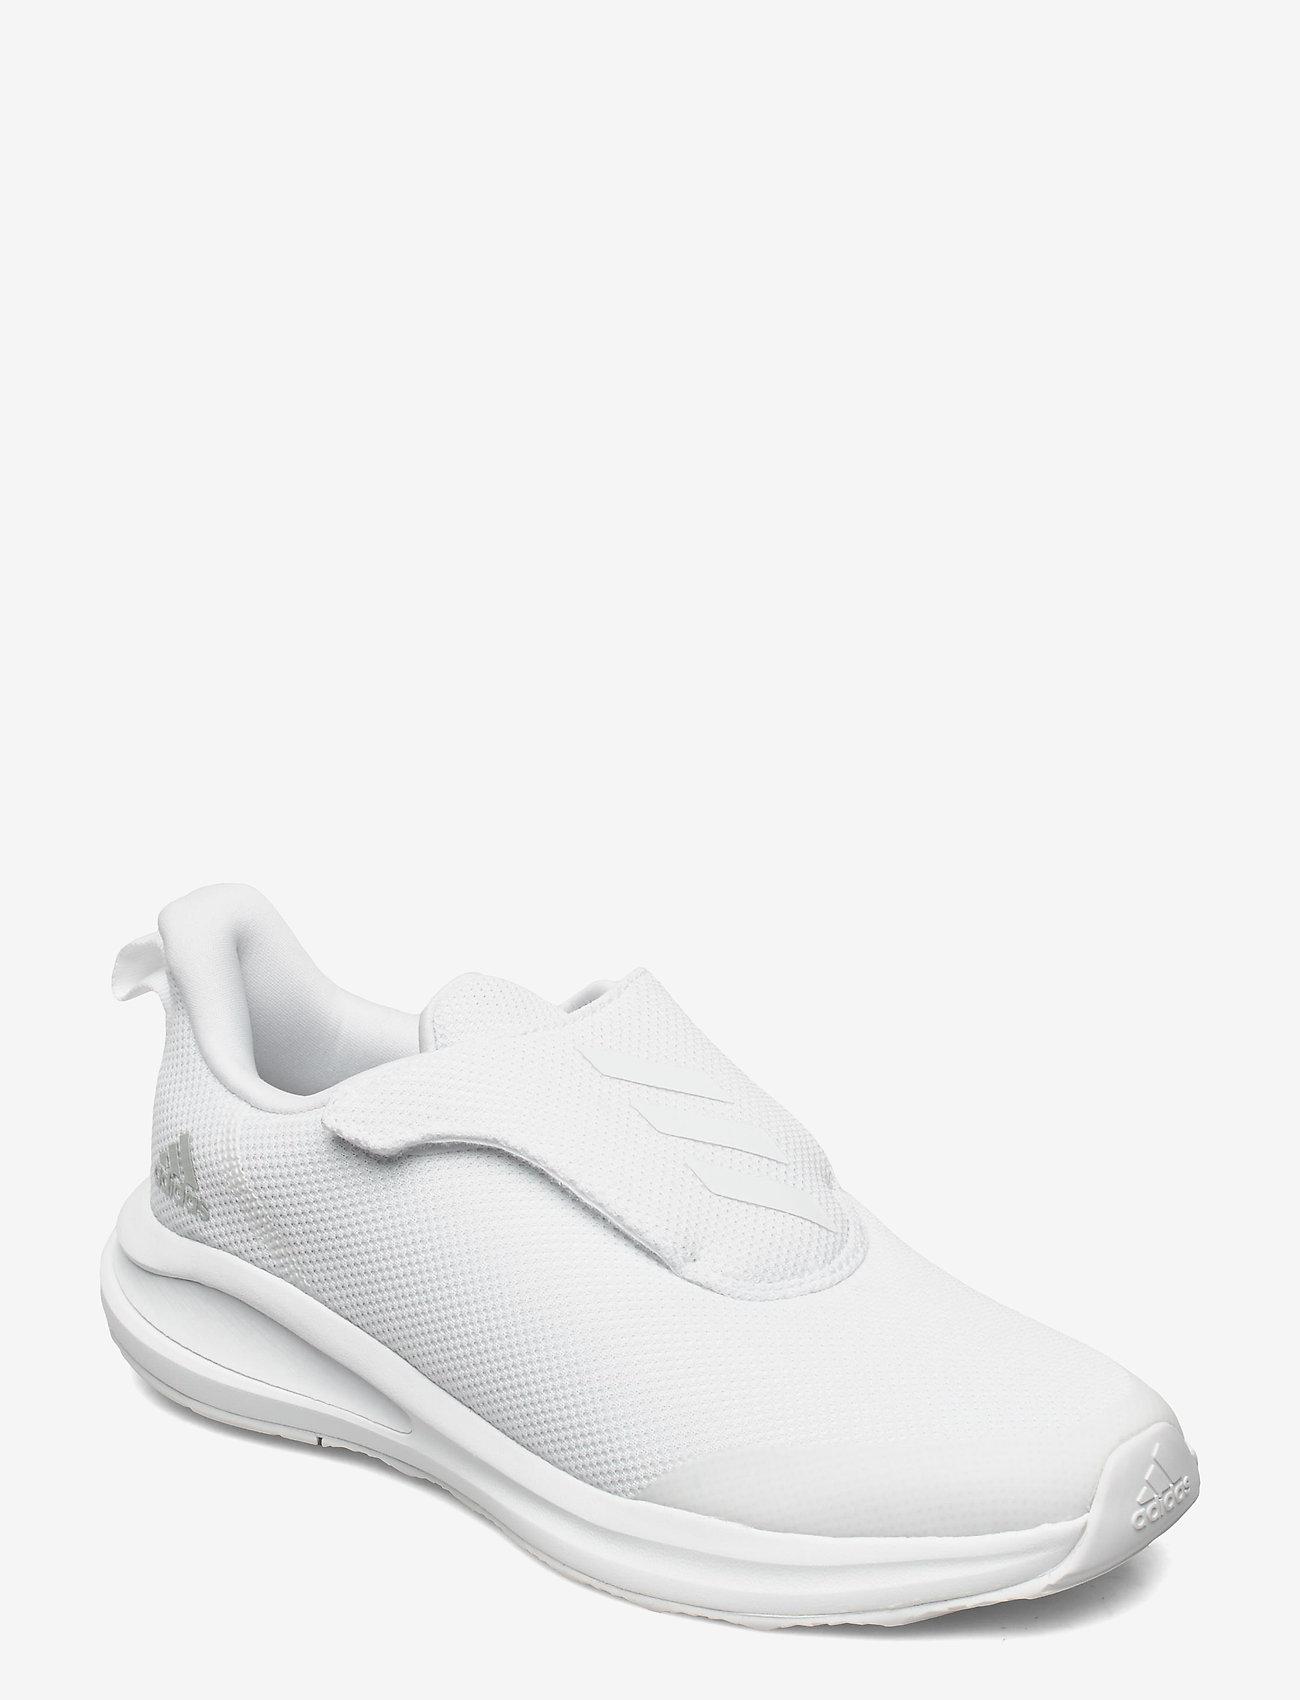 adidas Performance - FortaRun AC K - schuhe - ftwwht/ftwwht/gretwo - 0